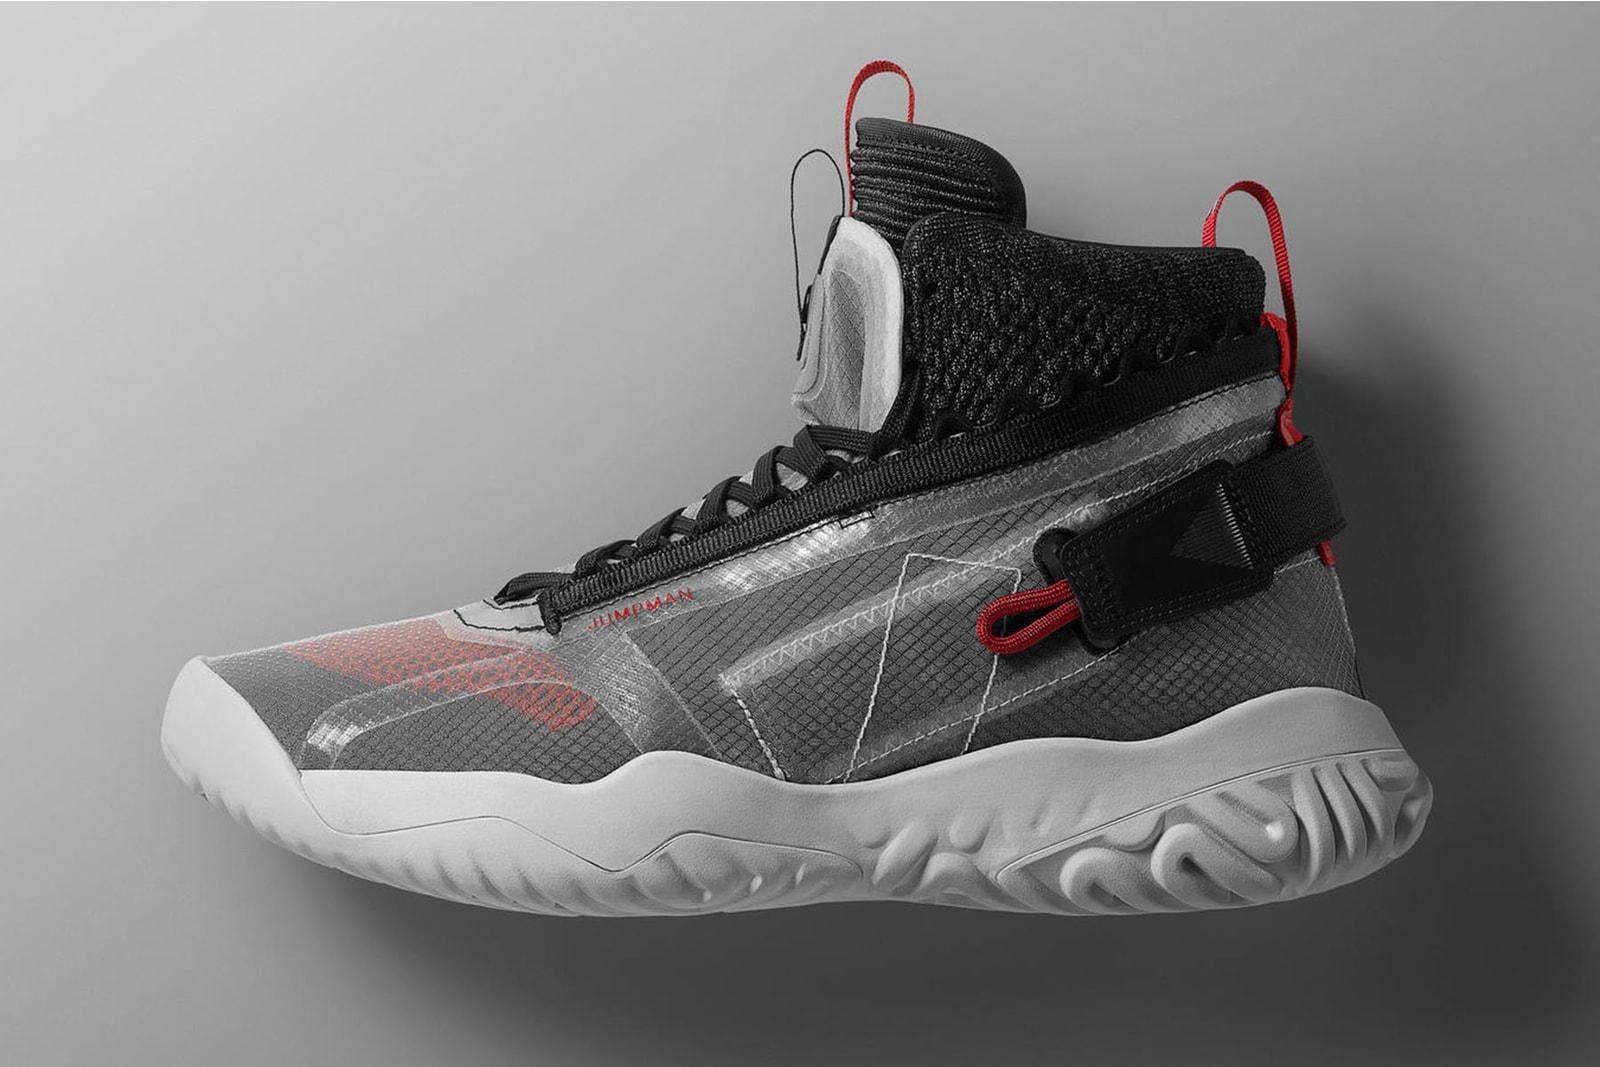 話題の React ソールを搭載した Air Jordan 1 が遂に登場か? リアクト エア ジョーダン ナイキ ジョーダン ブランド ハイプビースト HYPEBEAST